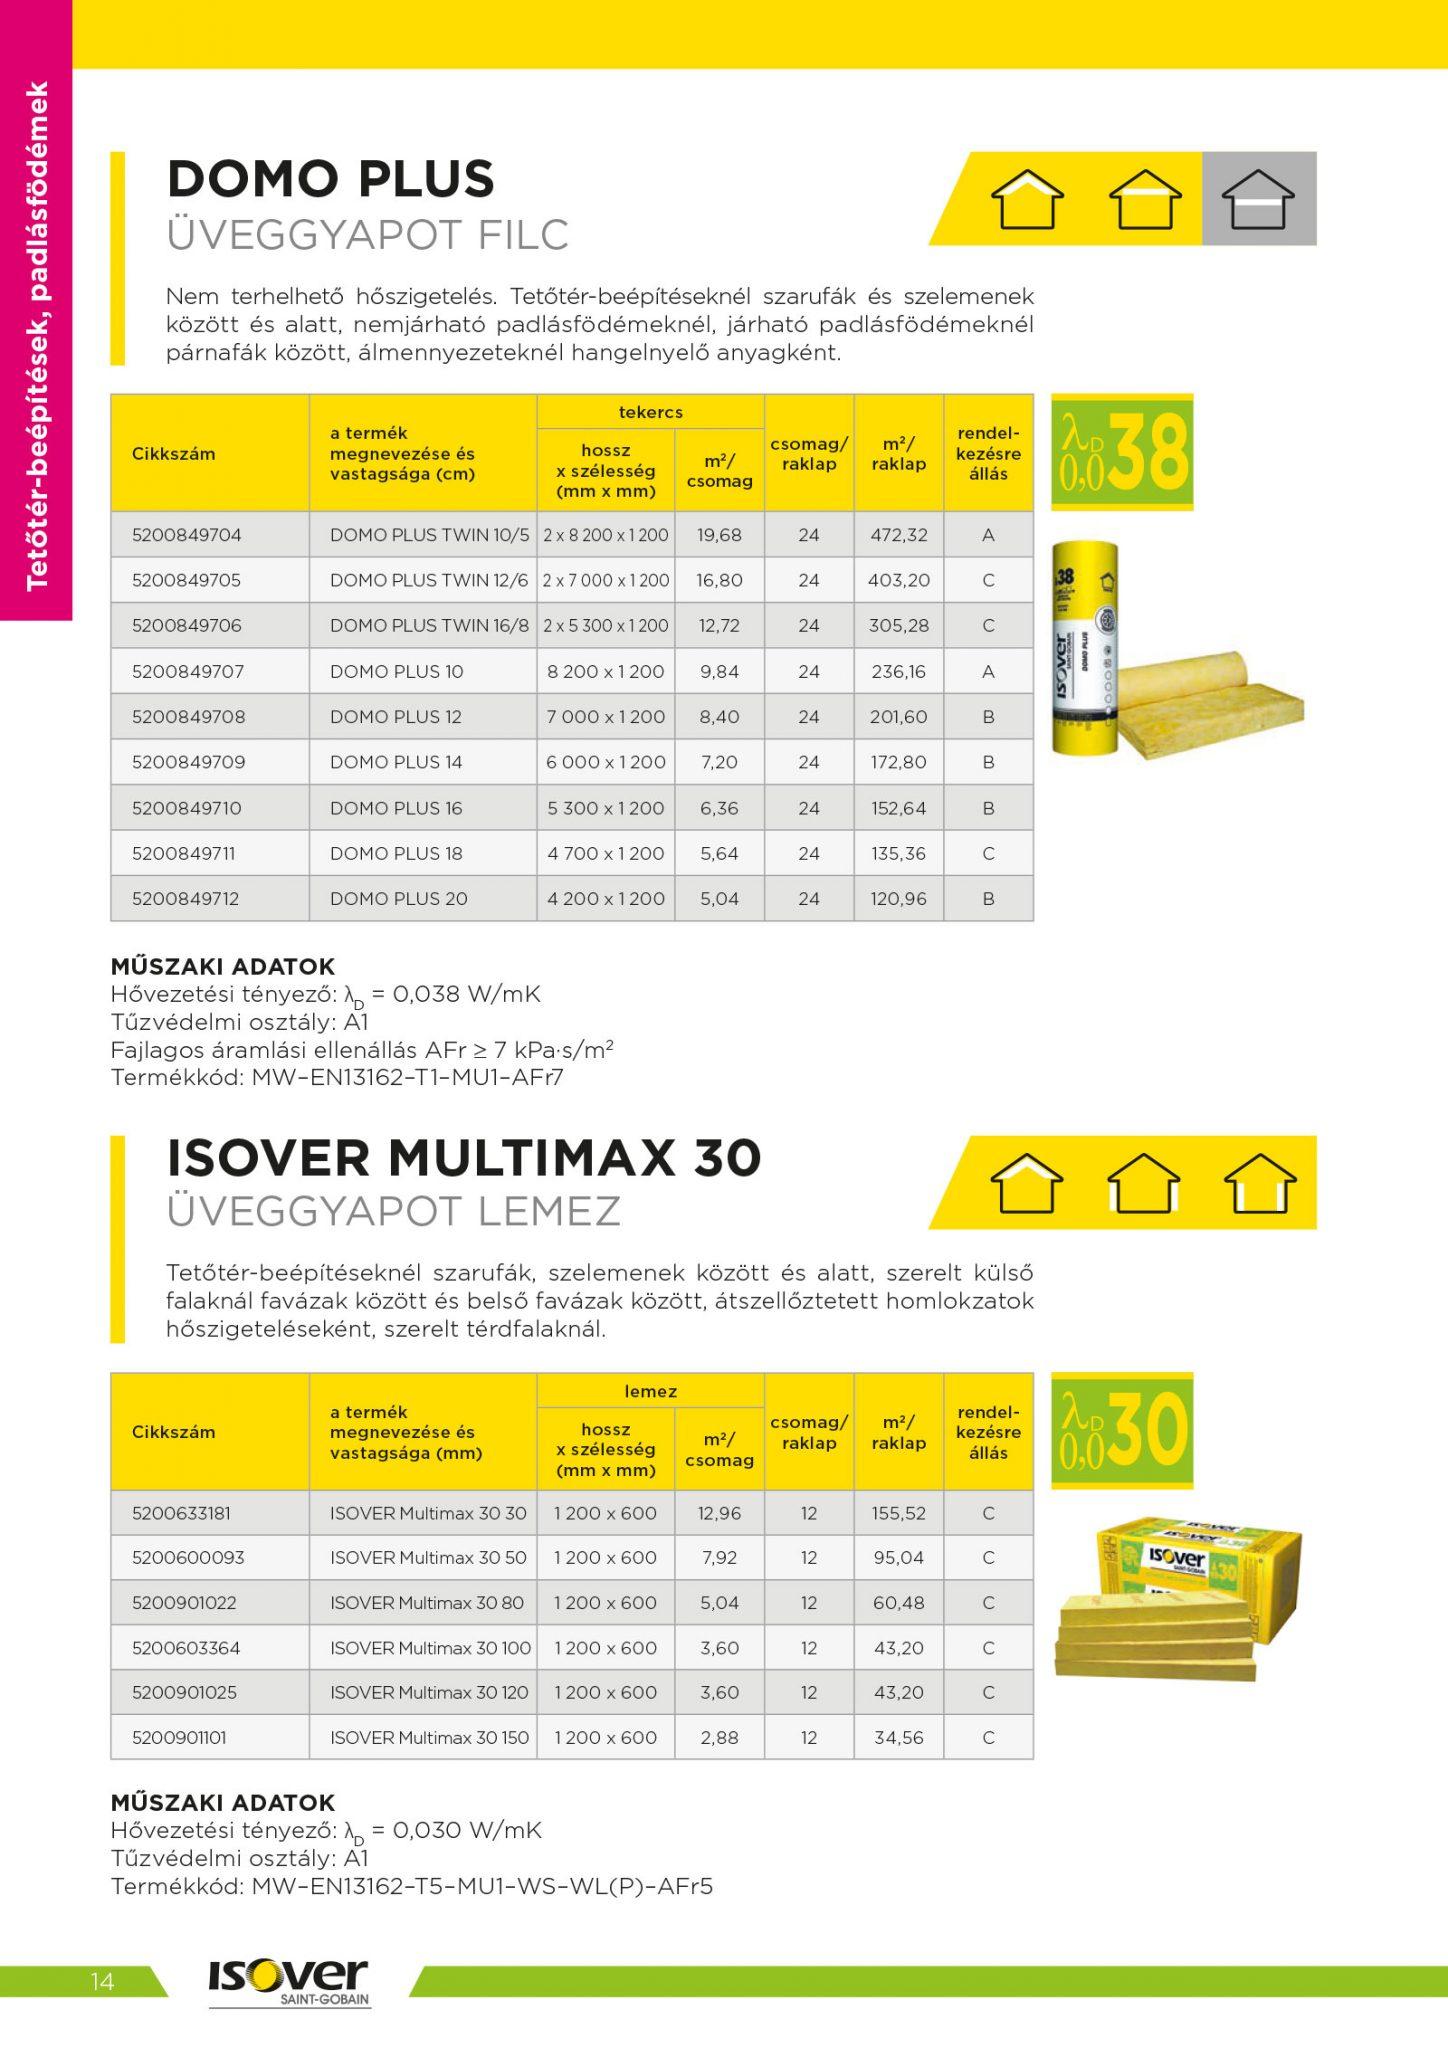 Isover árak 2021 / 14 oldal